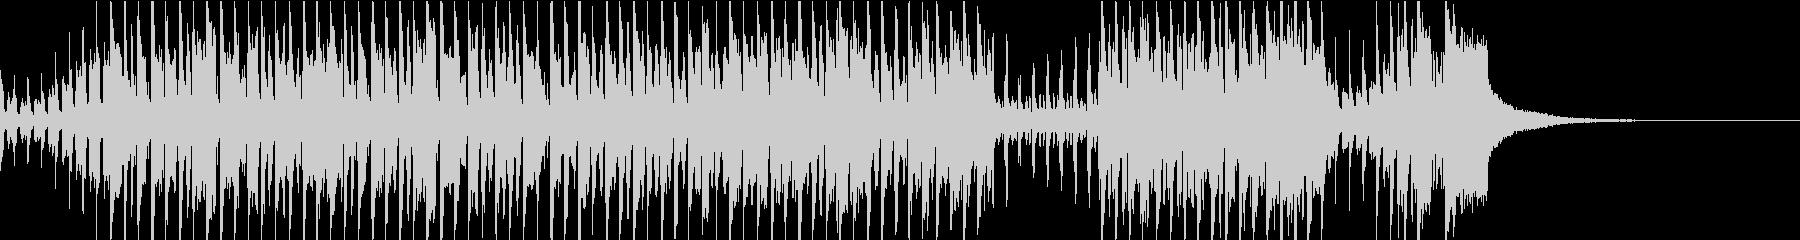 賑やかな中国風のBGM 二胡・笛子の未再生の波形